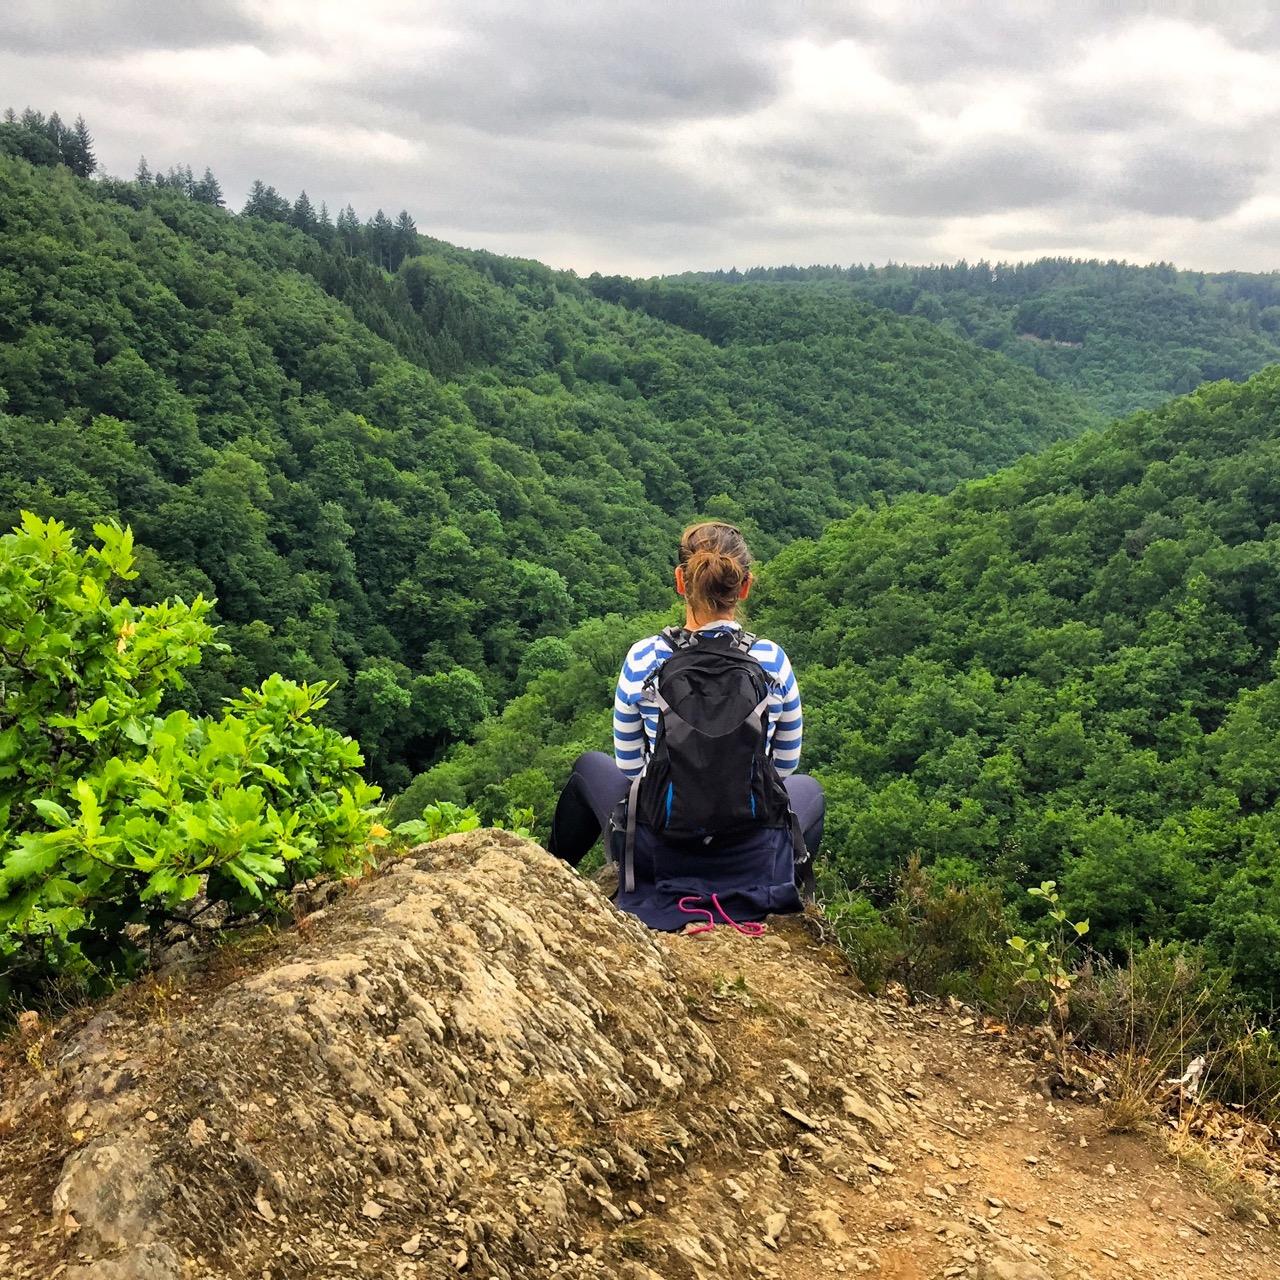 #AbenteuerBrodenbach: Bloggertreffen in Brodenbach an der Mosel